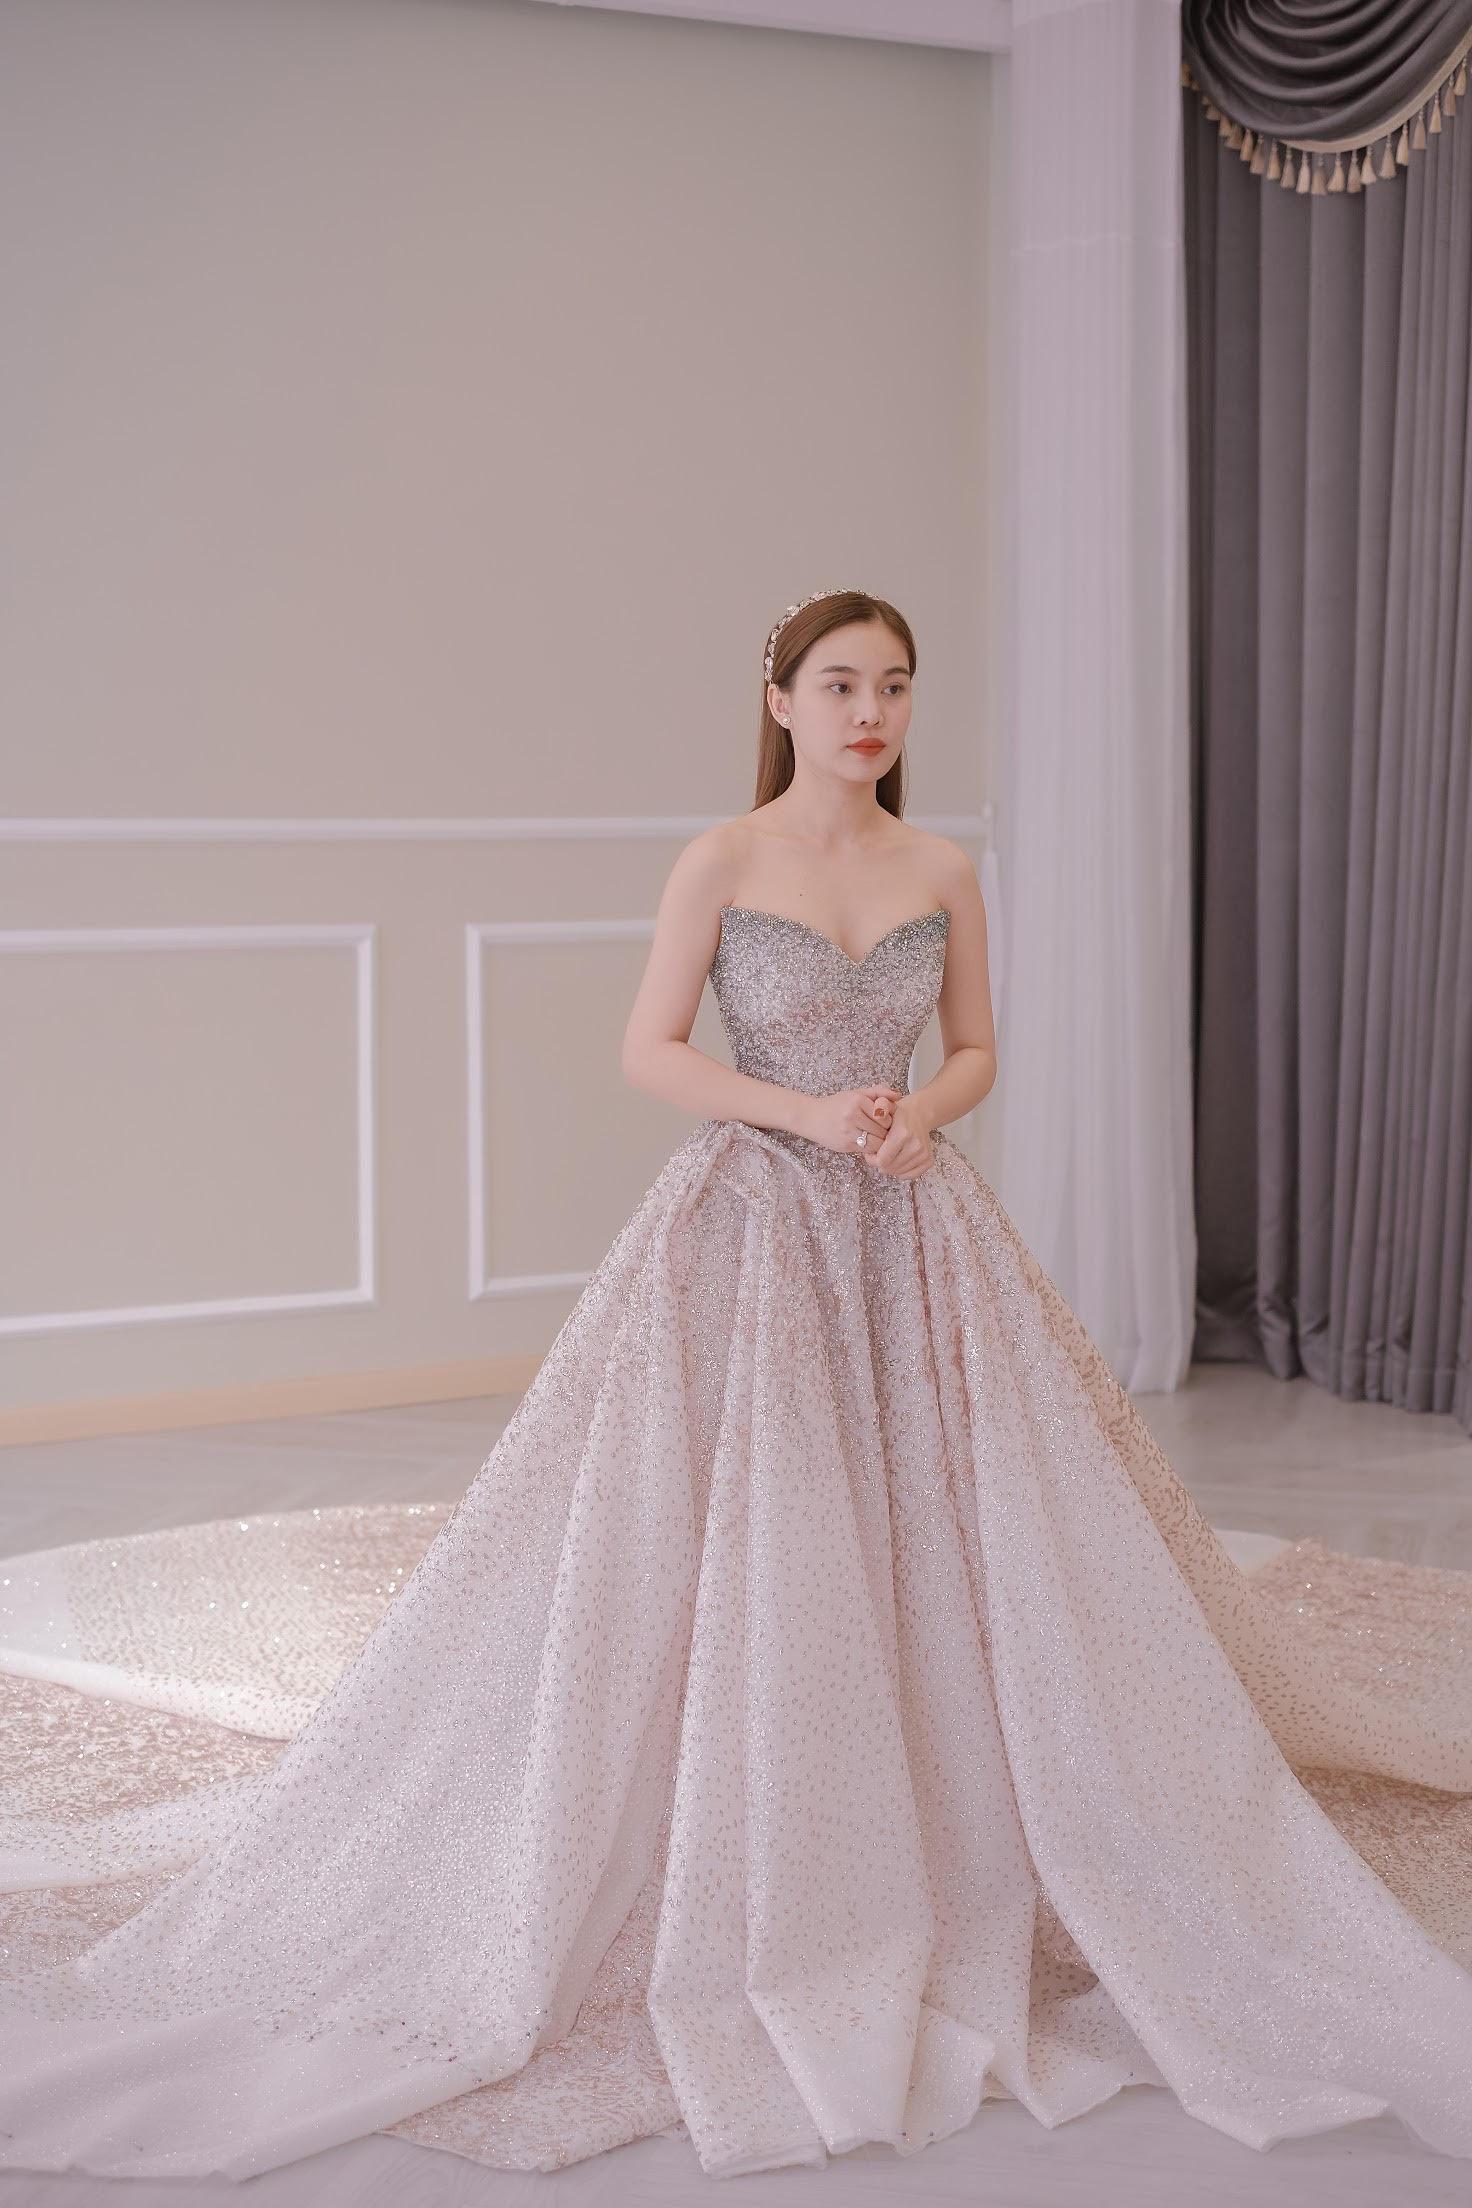 Sau Đông Nhi, Bảo Thy, đến lượt Giang Hồng Ngọc thử váy trước thềm đám cưới - Ảnh 7.